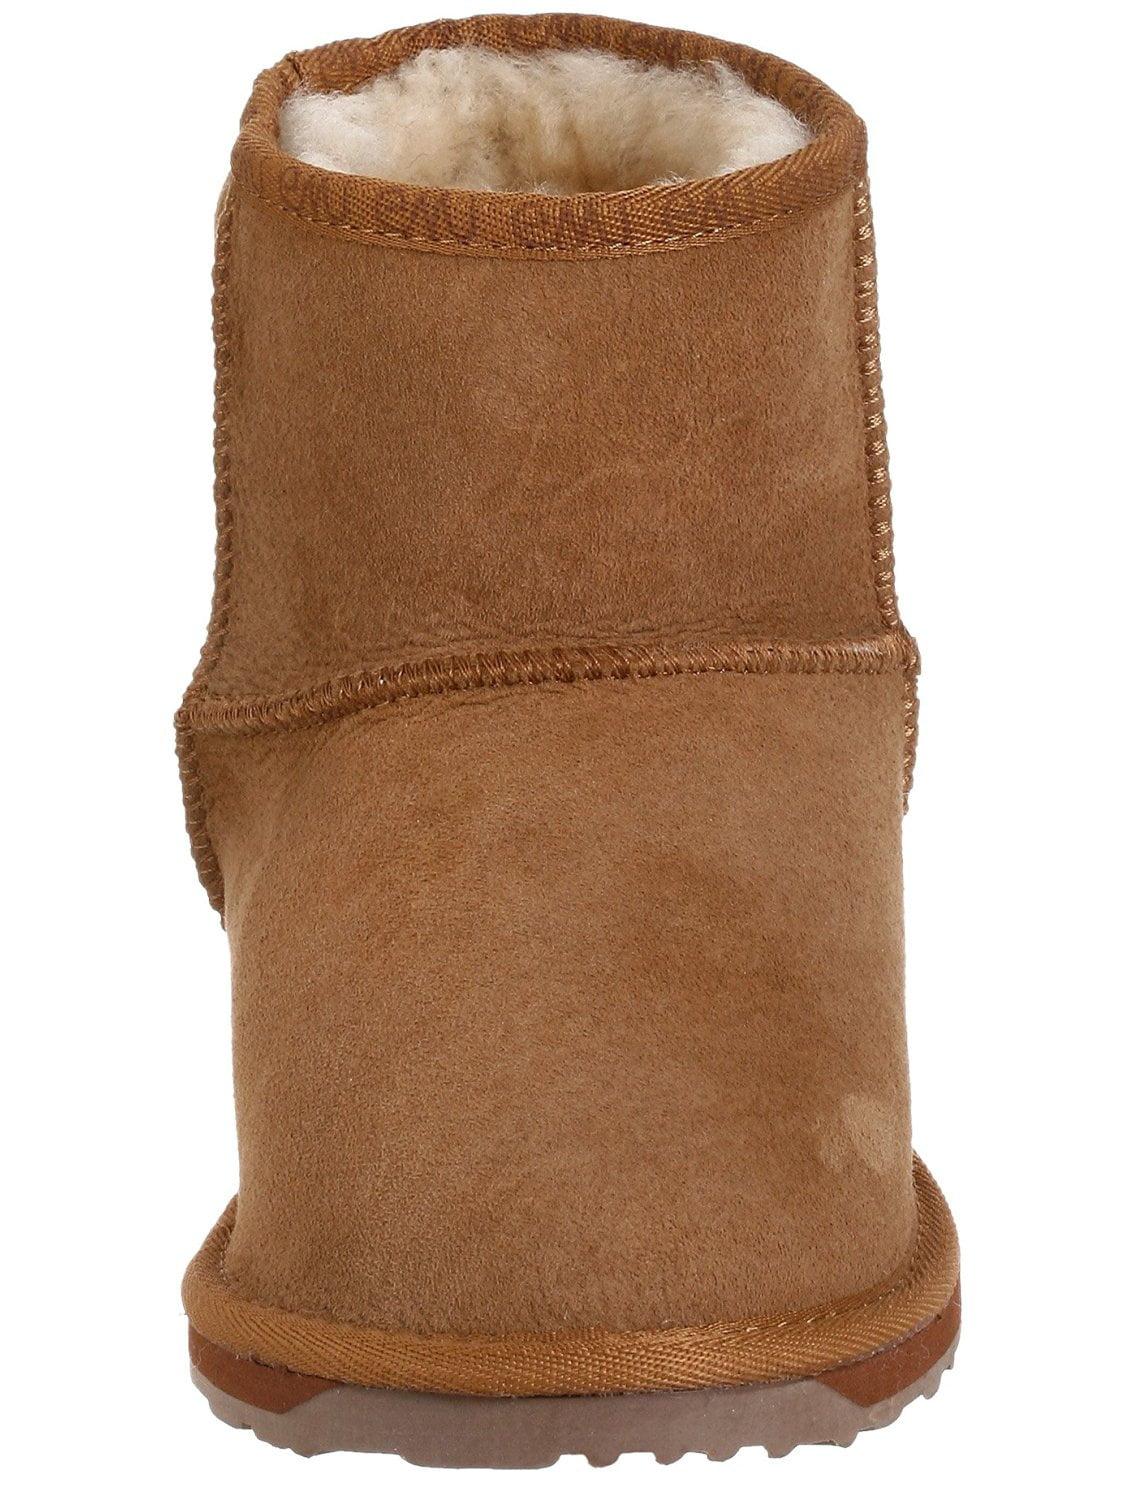 EMU Australia Women's Stinger Mini Boot